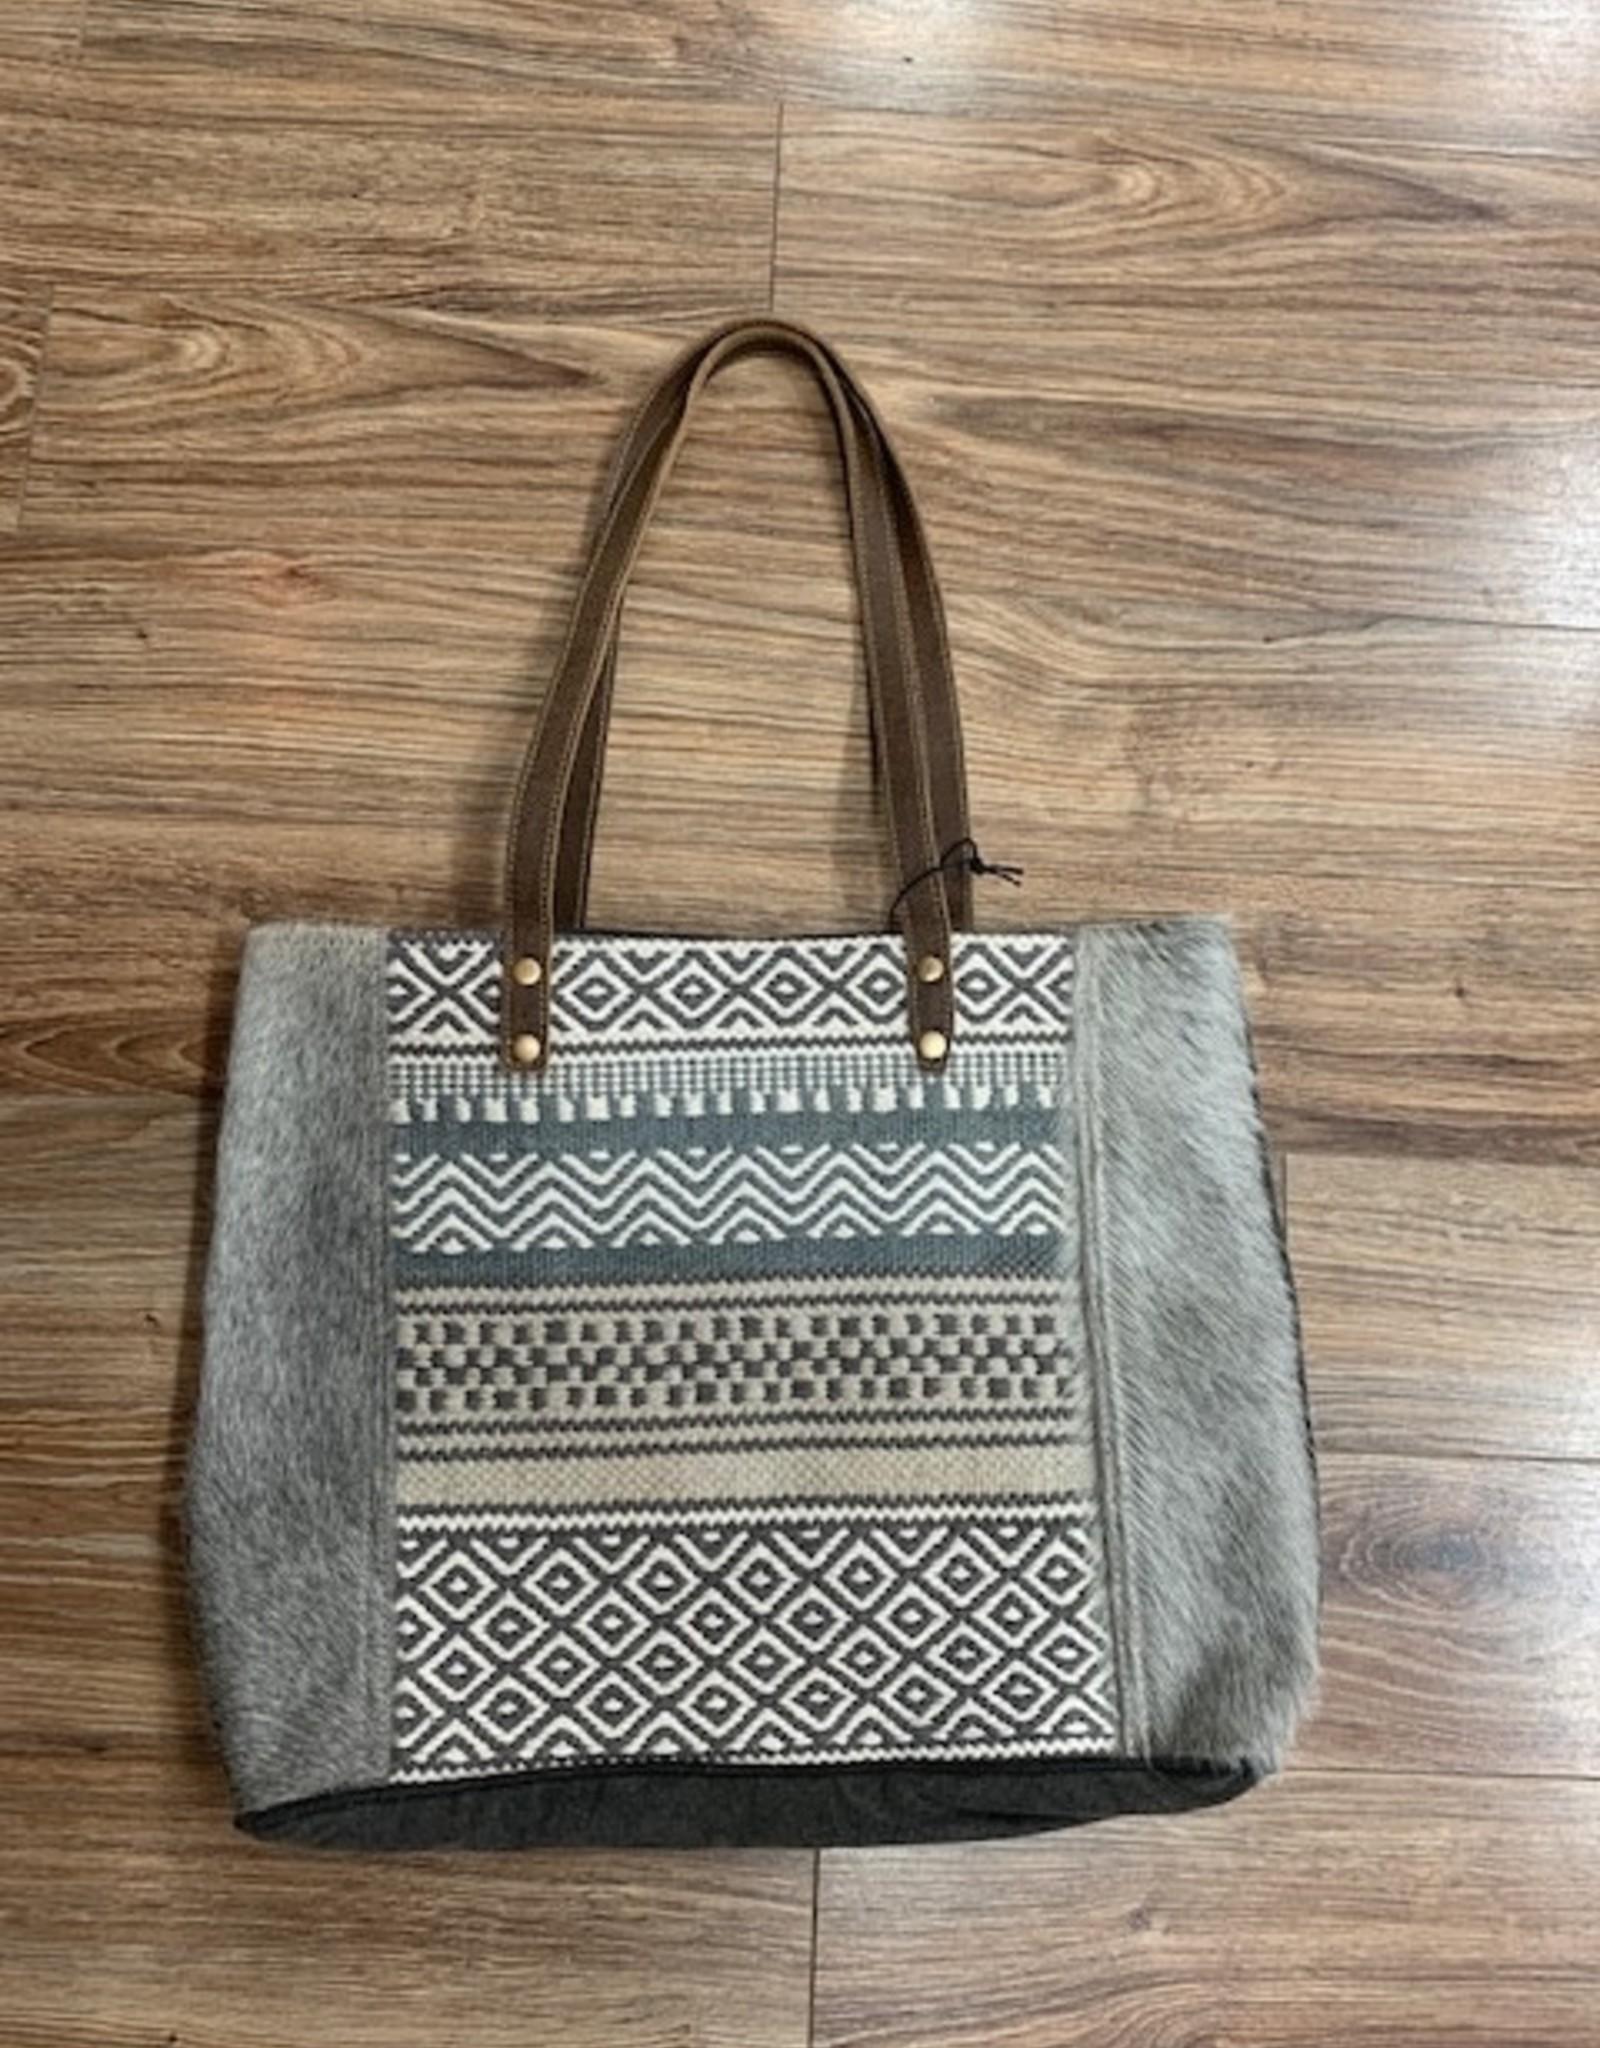 Bag Neighbor's Envy Tote Bag